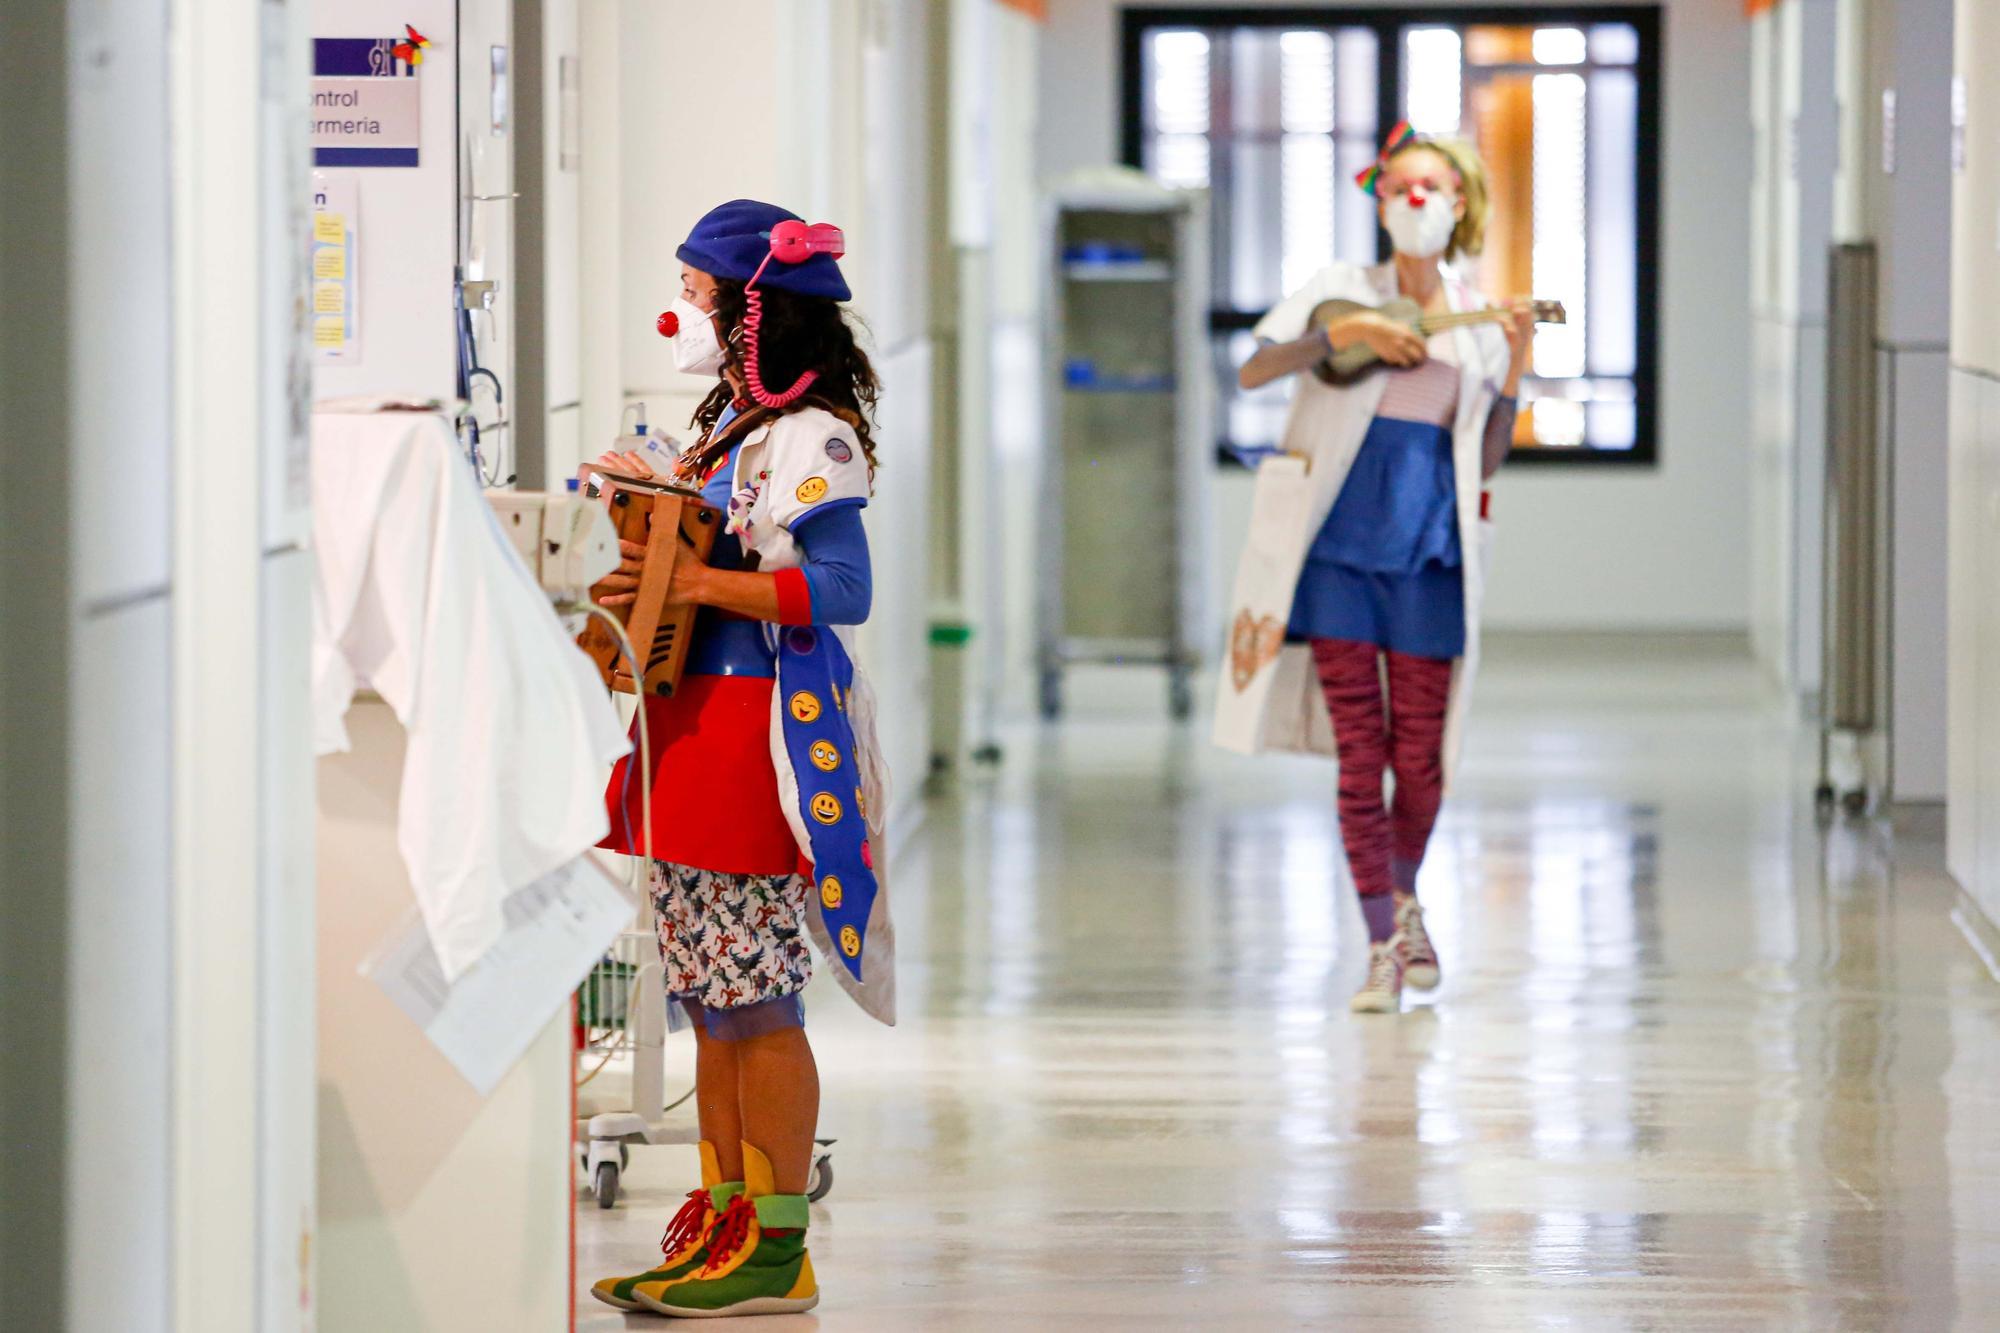 Rumbo al servicio de radiología en Ibiza con un par de payasas